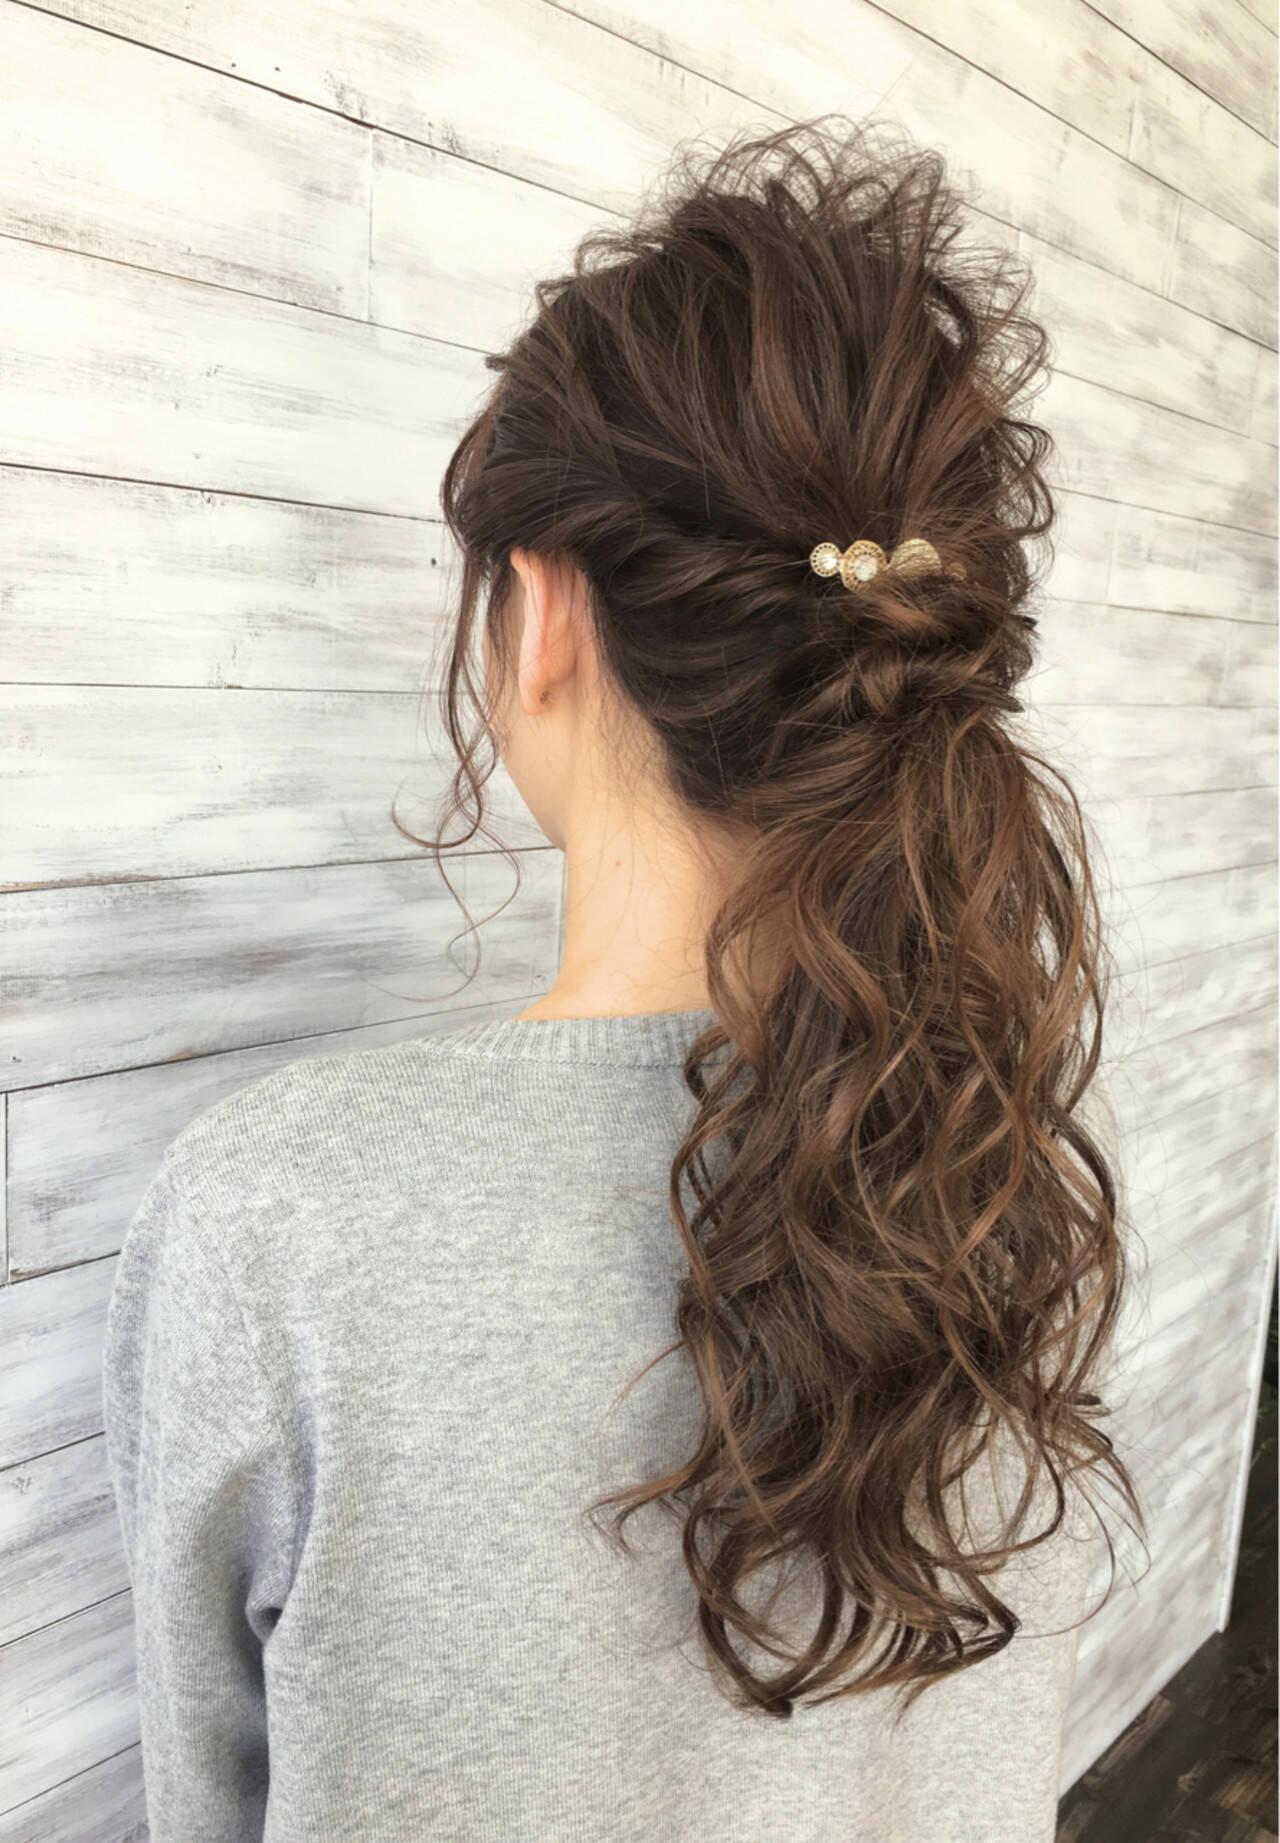 ポニーテール ミディアム ナチュラル ヘアアレンジヘアスタイルや髪型の写真・画像